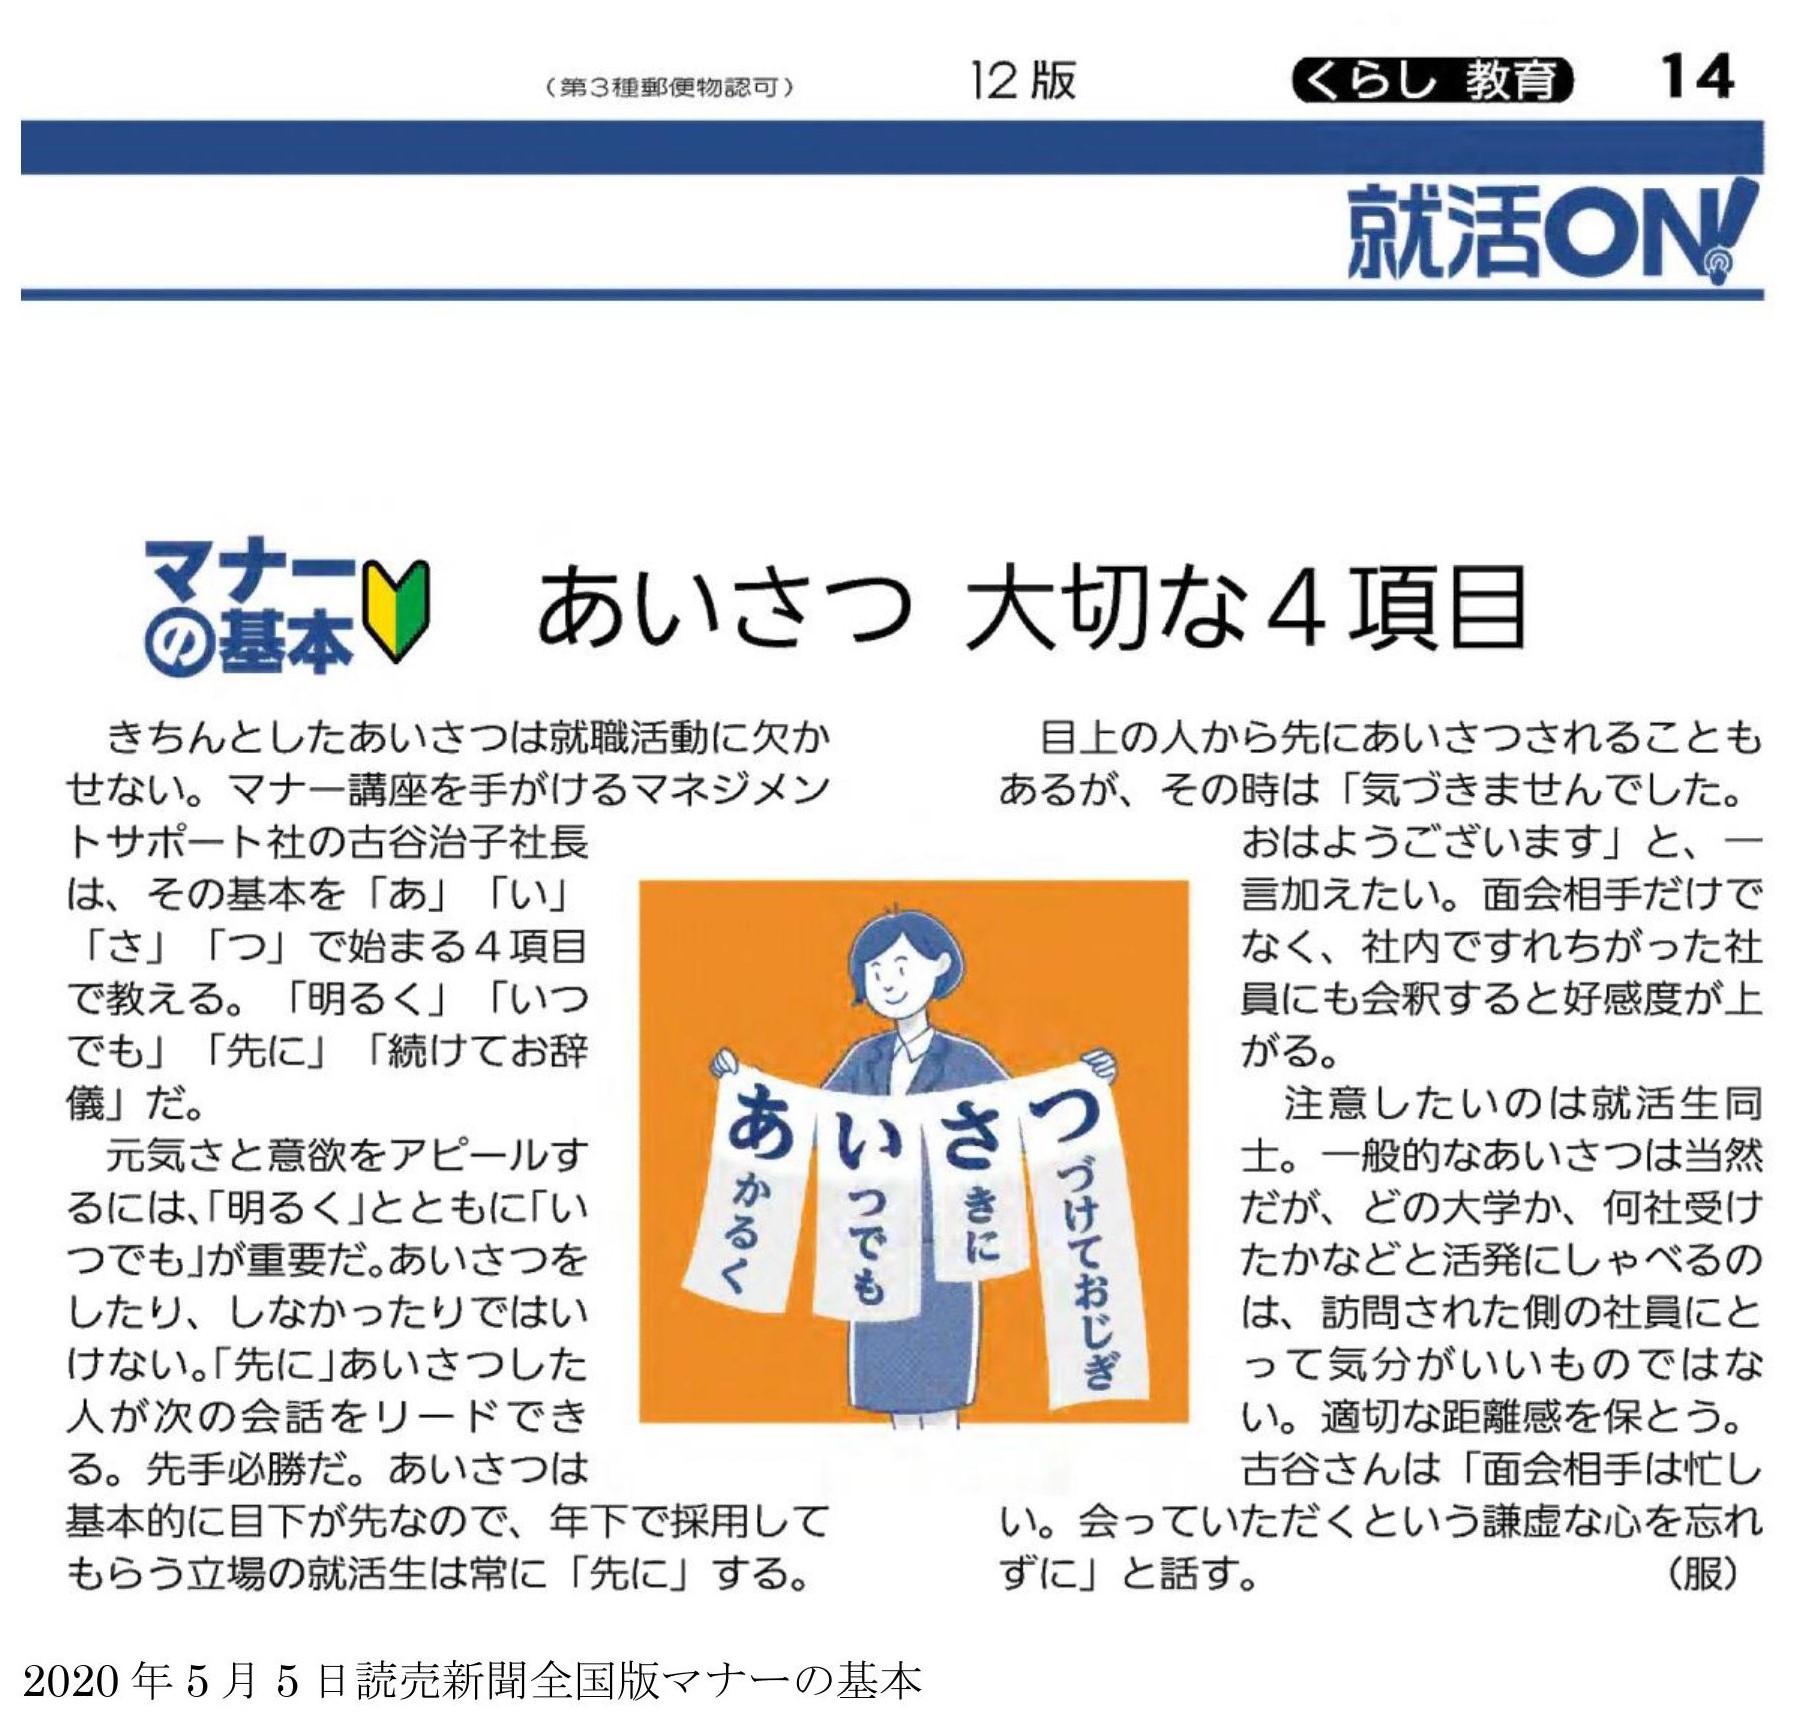 2020 年 5 月 5 日 読売新聞全国版マナーの基本に古谷治子の記事が掲載されました